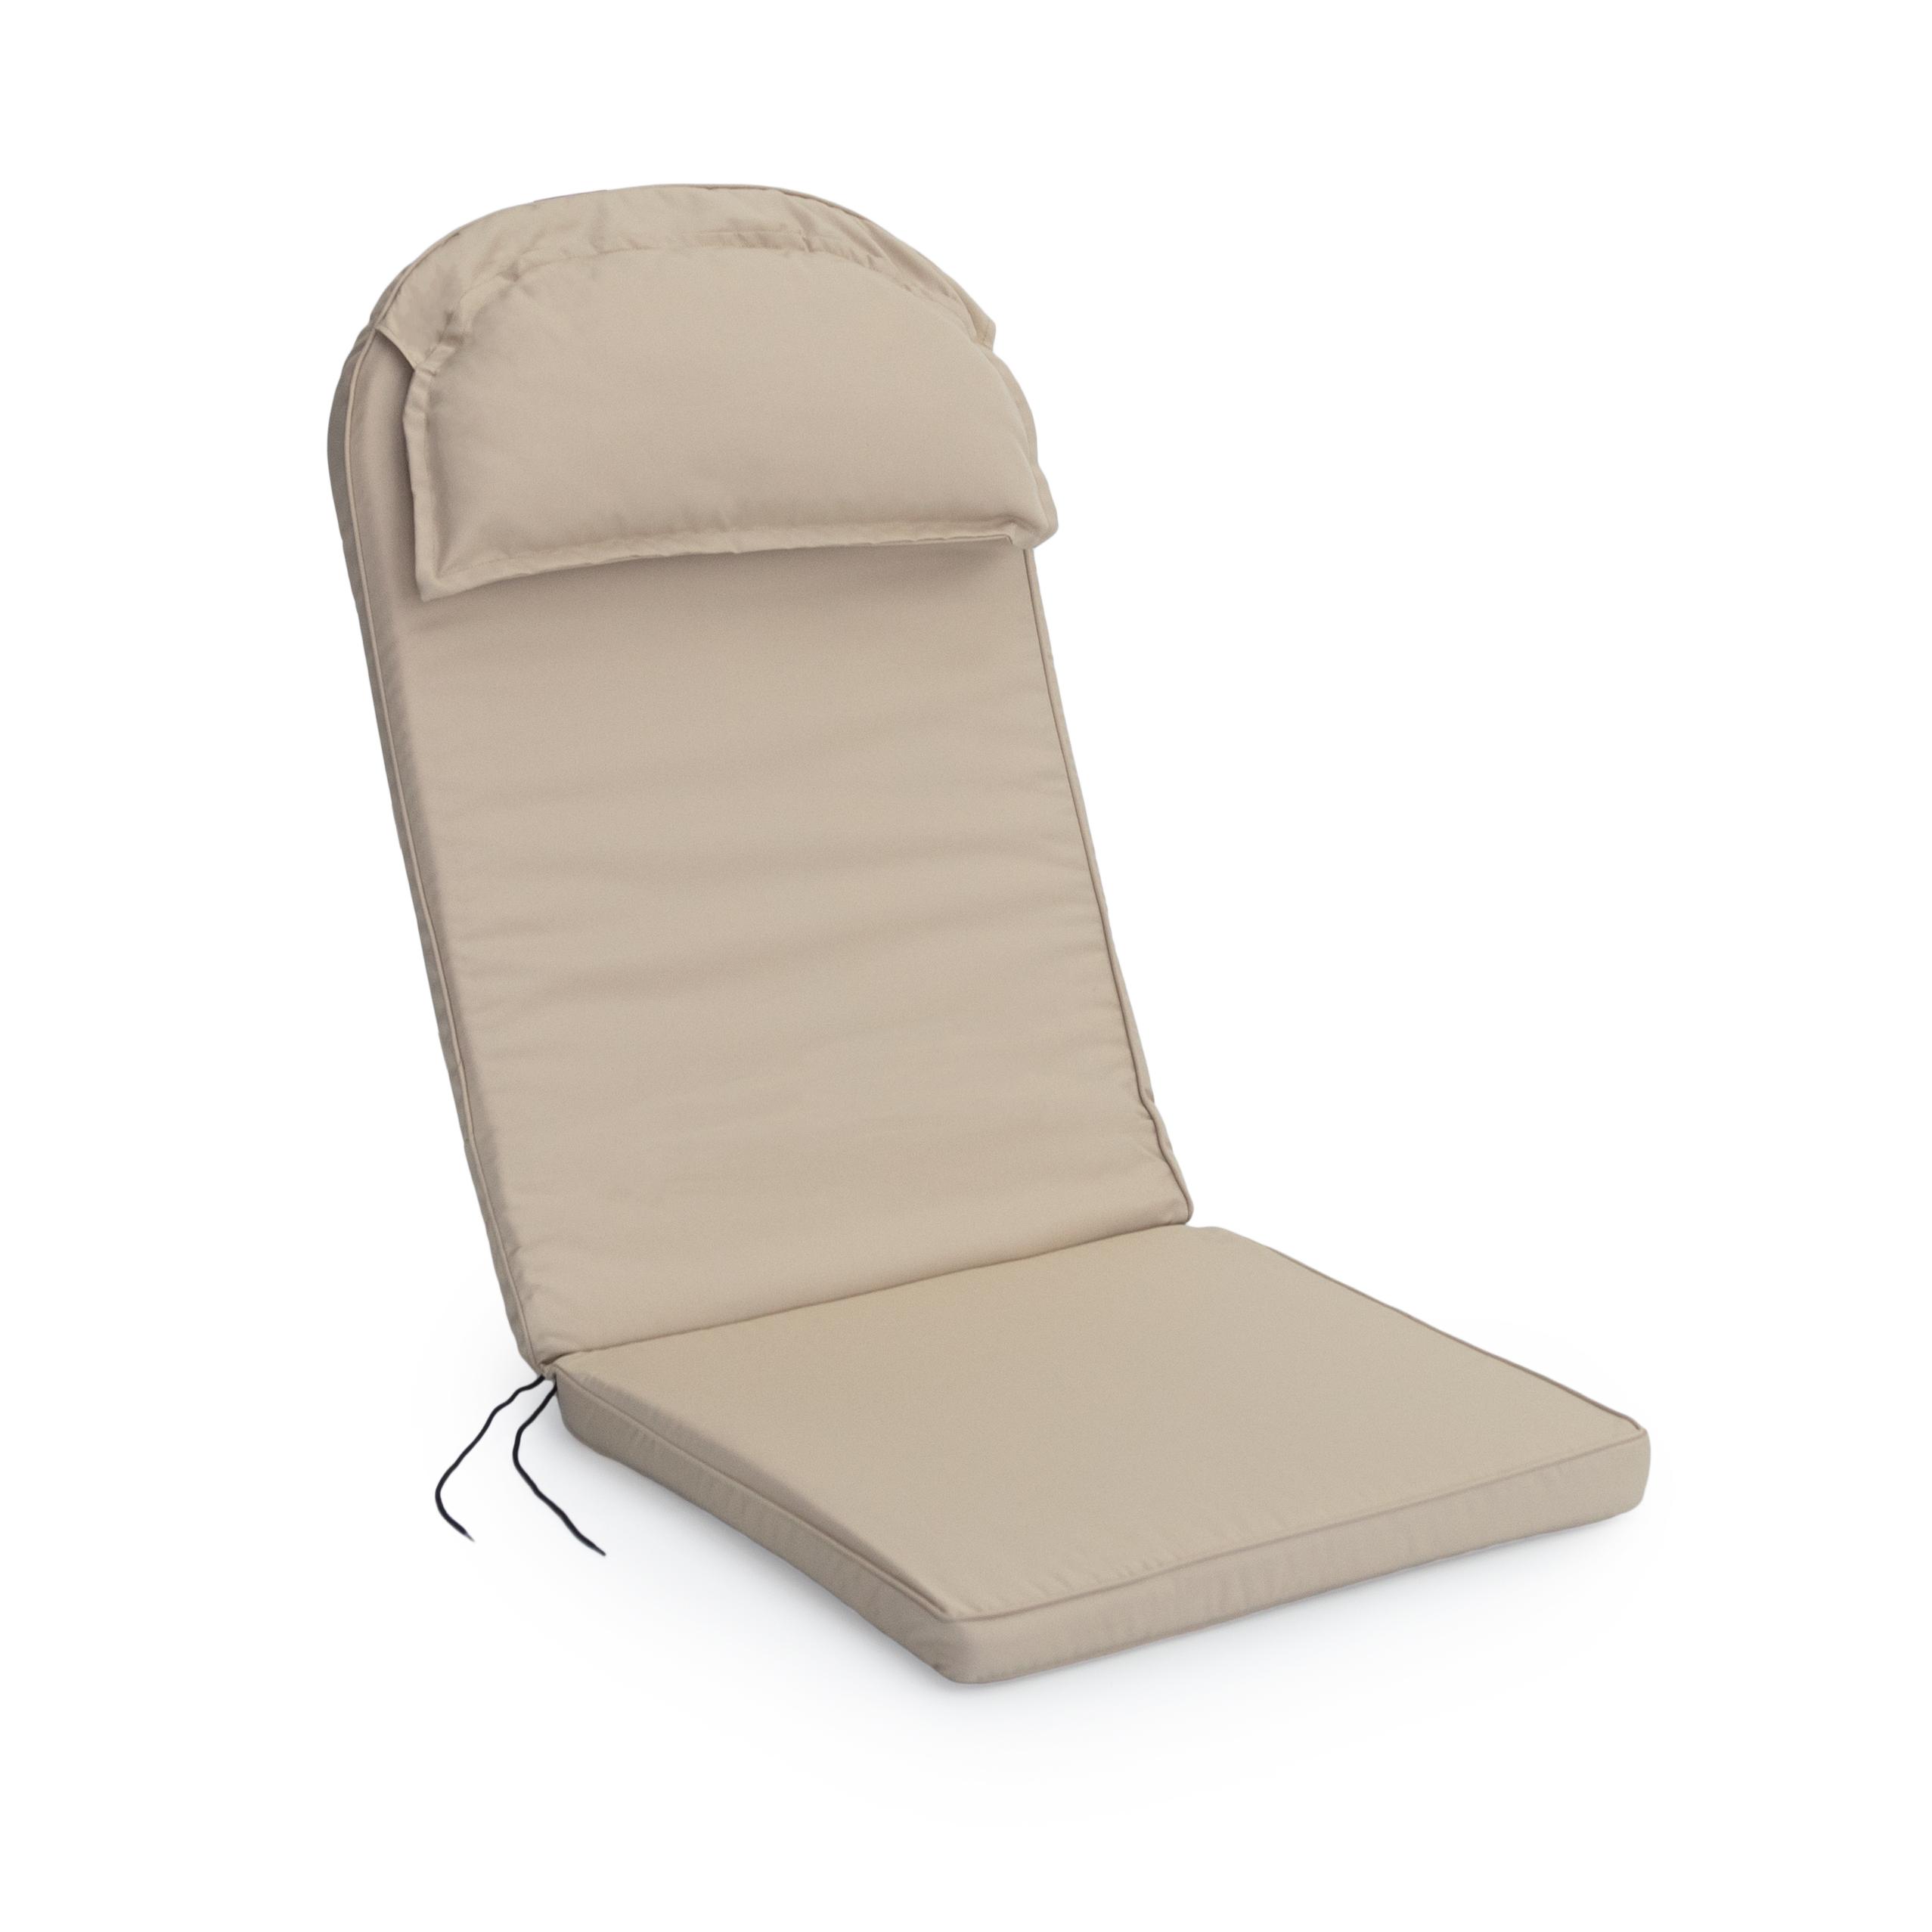 Coussin Pour Fauteuil Adirondack détails sur mobilier de jardin patio résistant à l'eau pierre coussin pad  pour adirondack chaise- afficher le titre d'origine